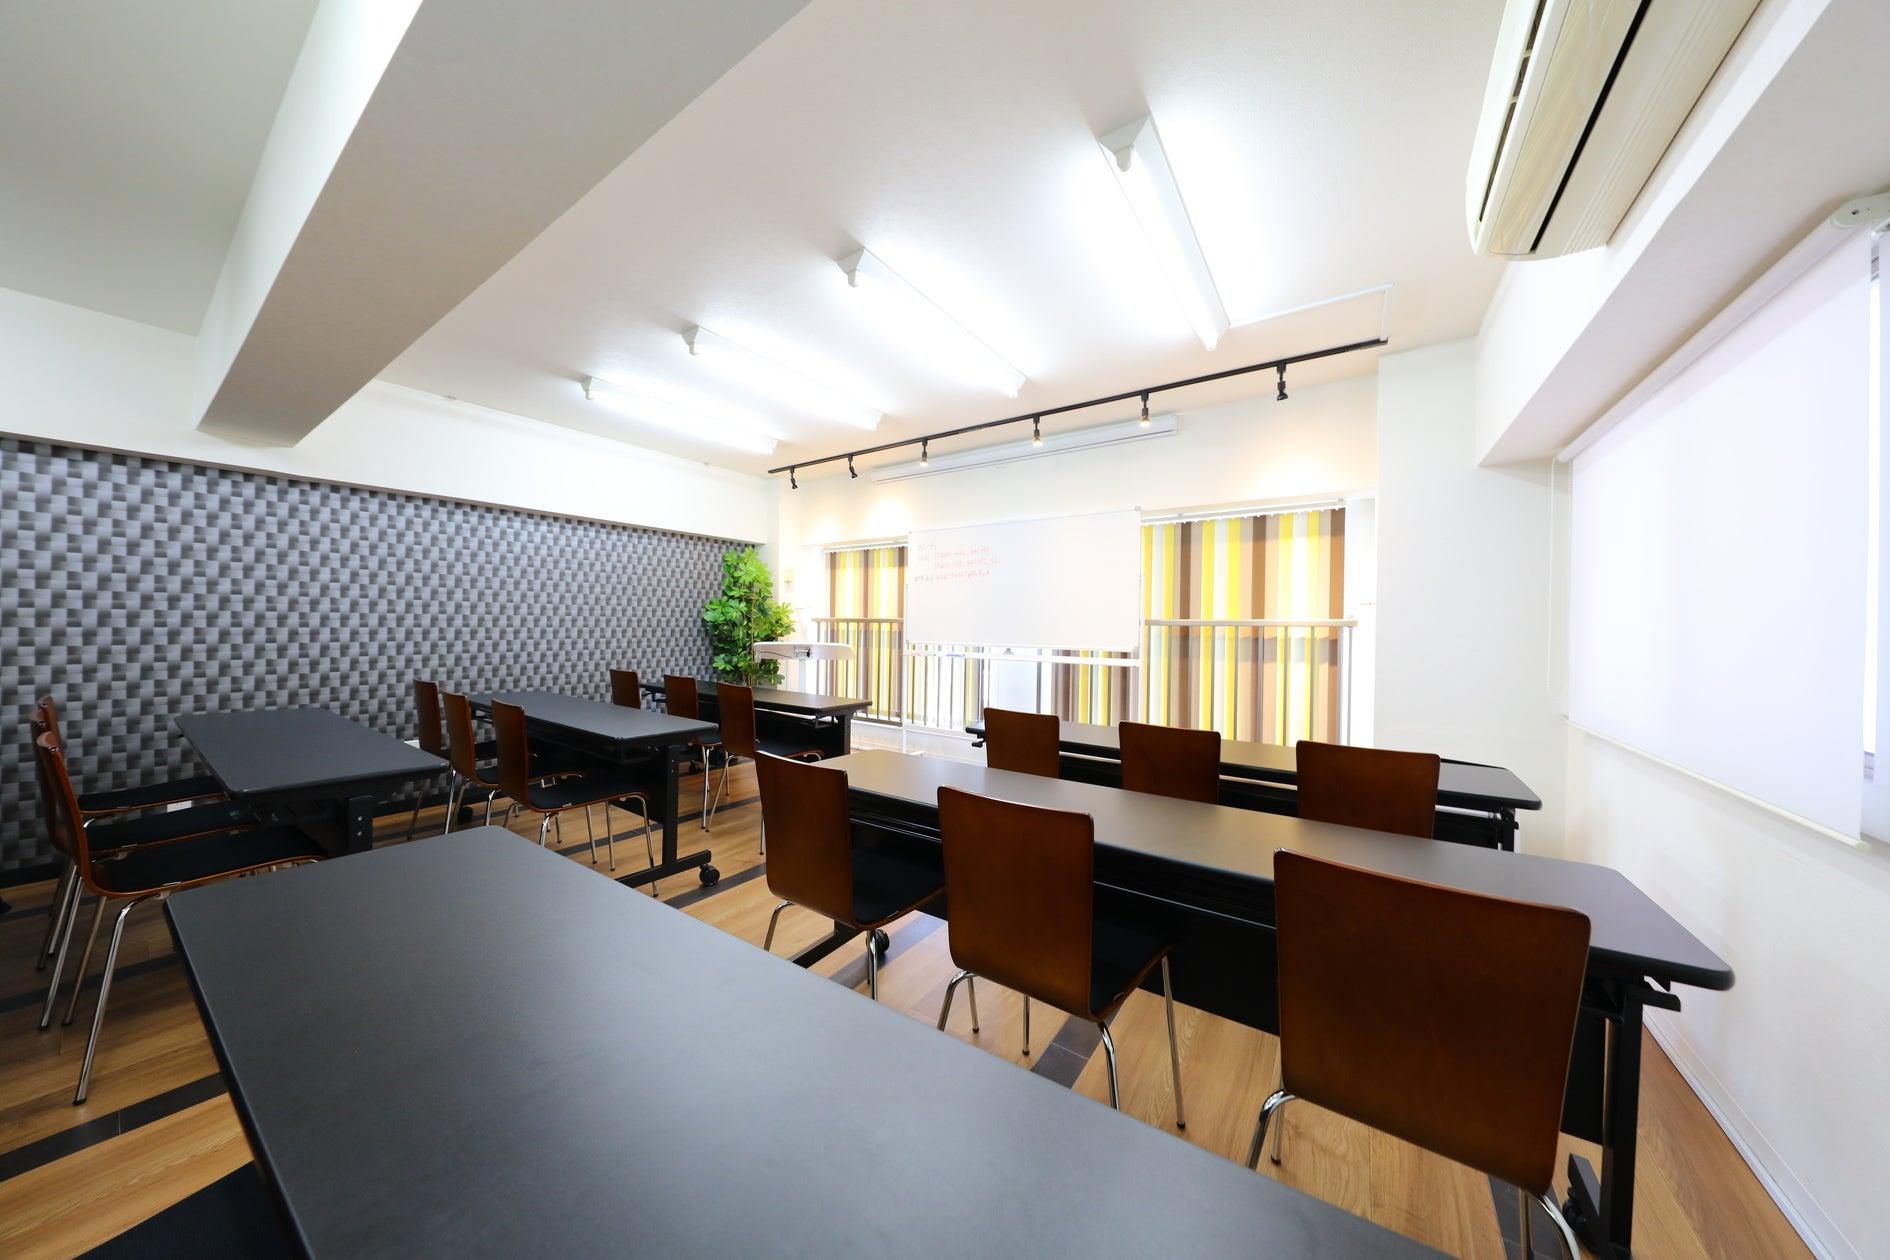 名古屋駅徒歩5分の好立地!通常24名、プラス椅子4つ最大28名収容可能☆コンビニ、居酒屋共に徒歩30秒 の写真